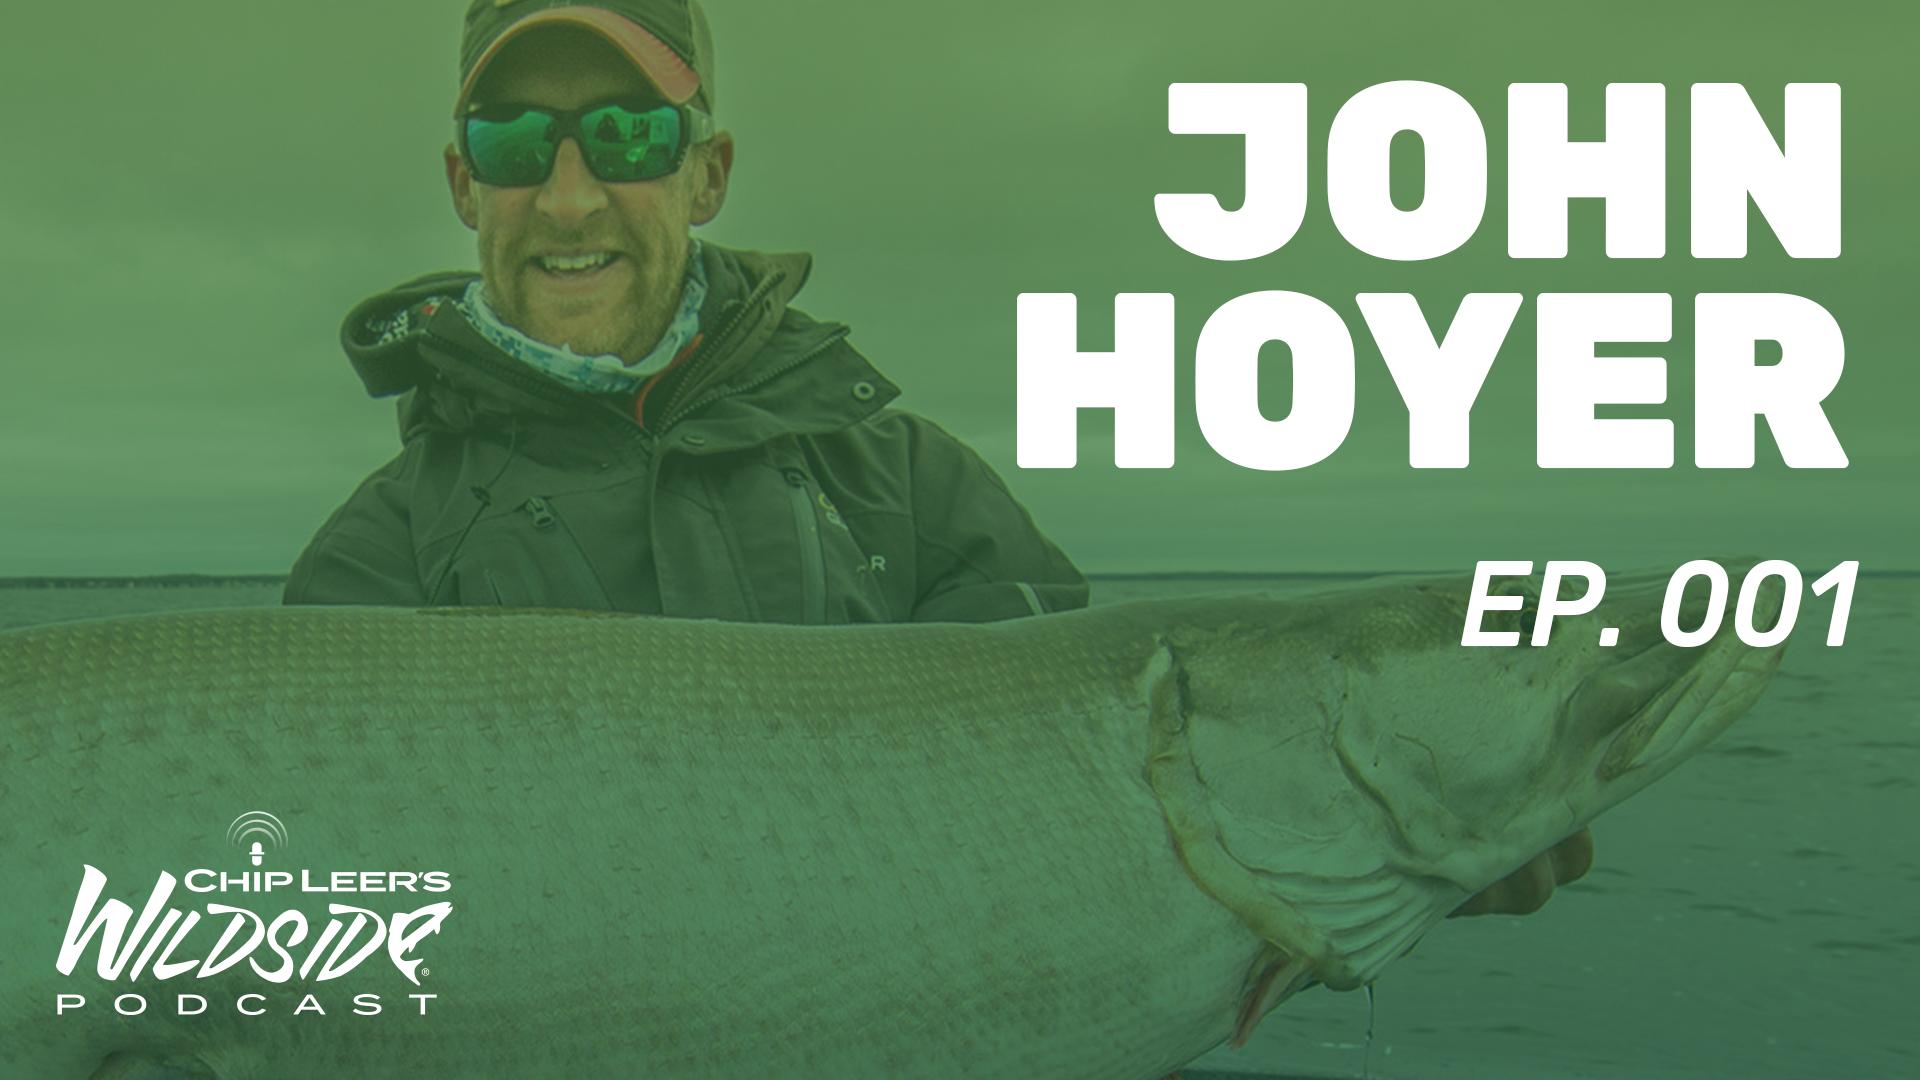 john hoyer episode 1 podcast cover